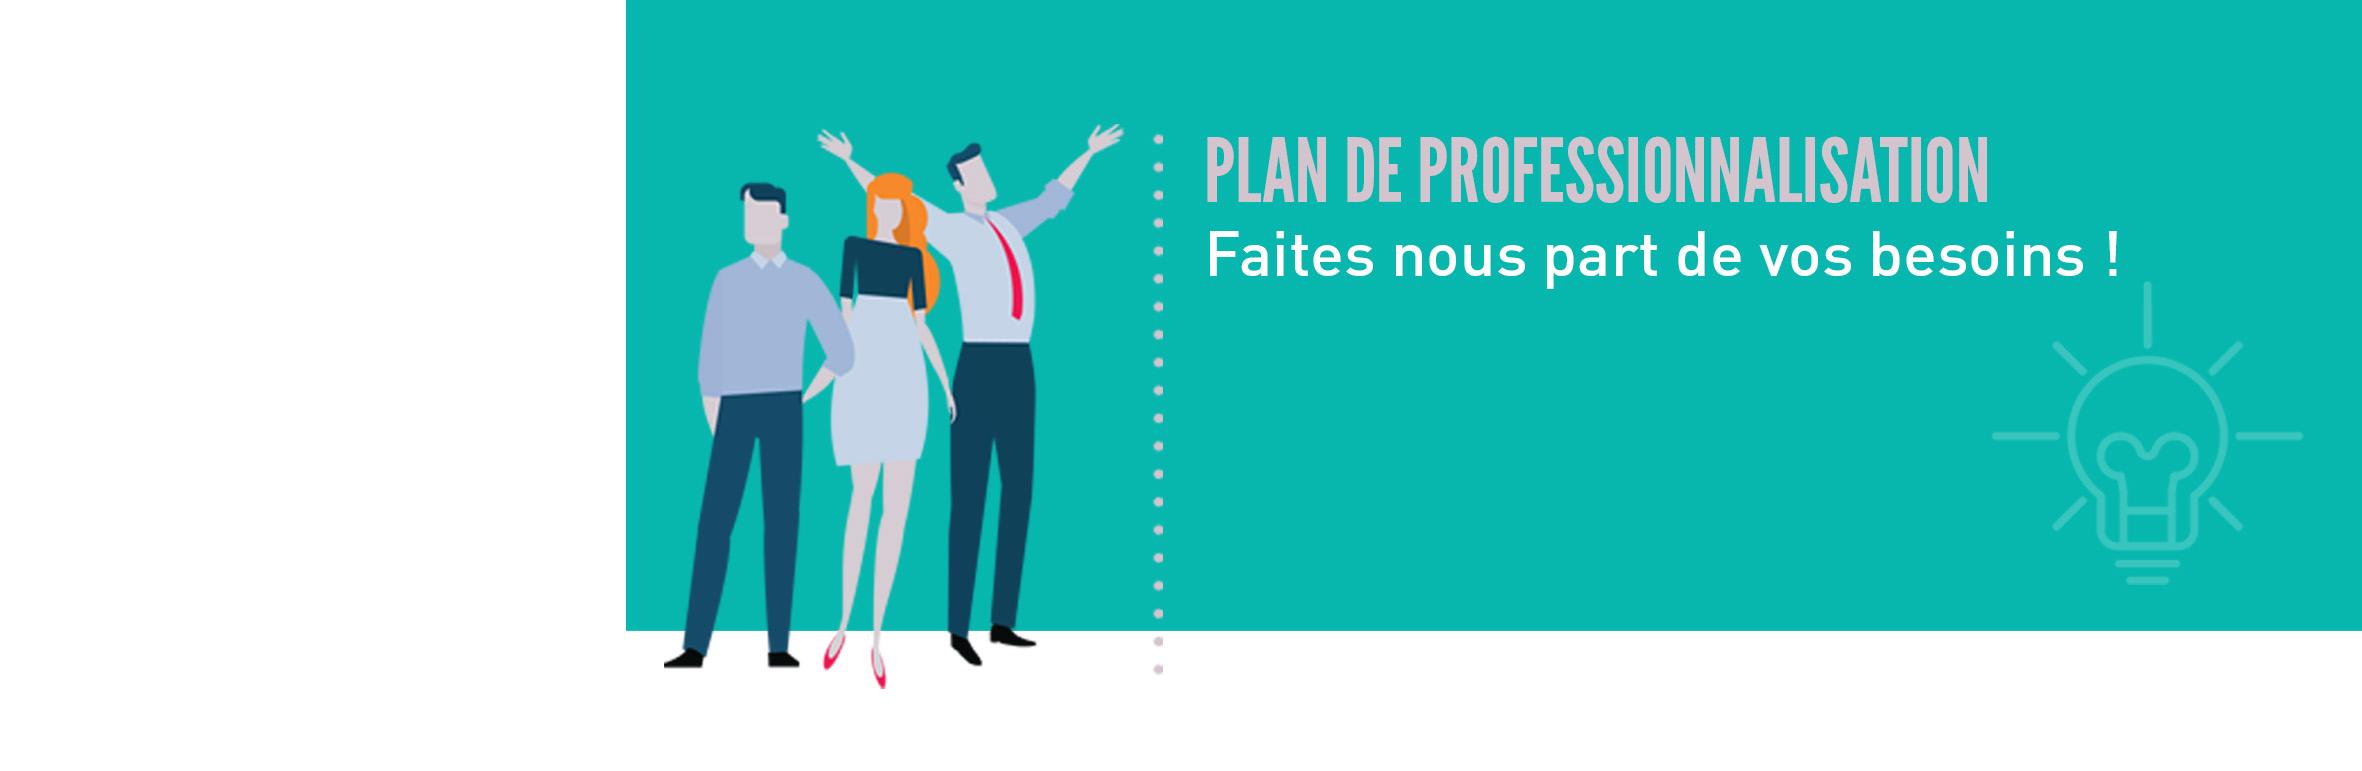 Plan de professionnalisation 2021 : faites nous part de vos besoins !